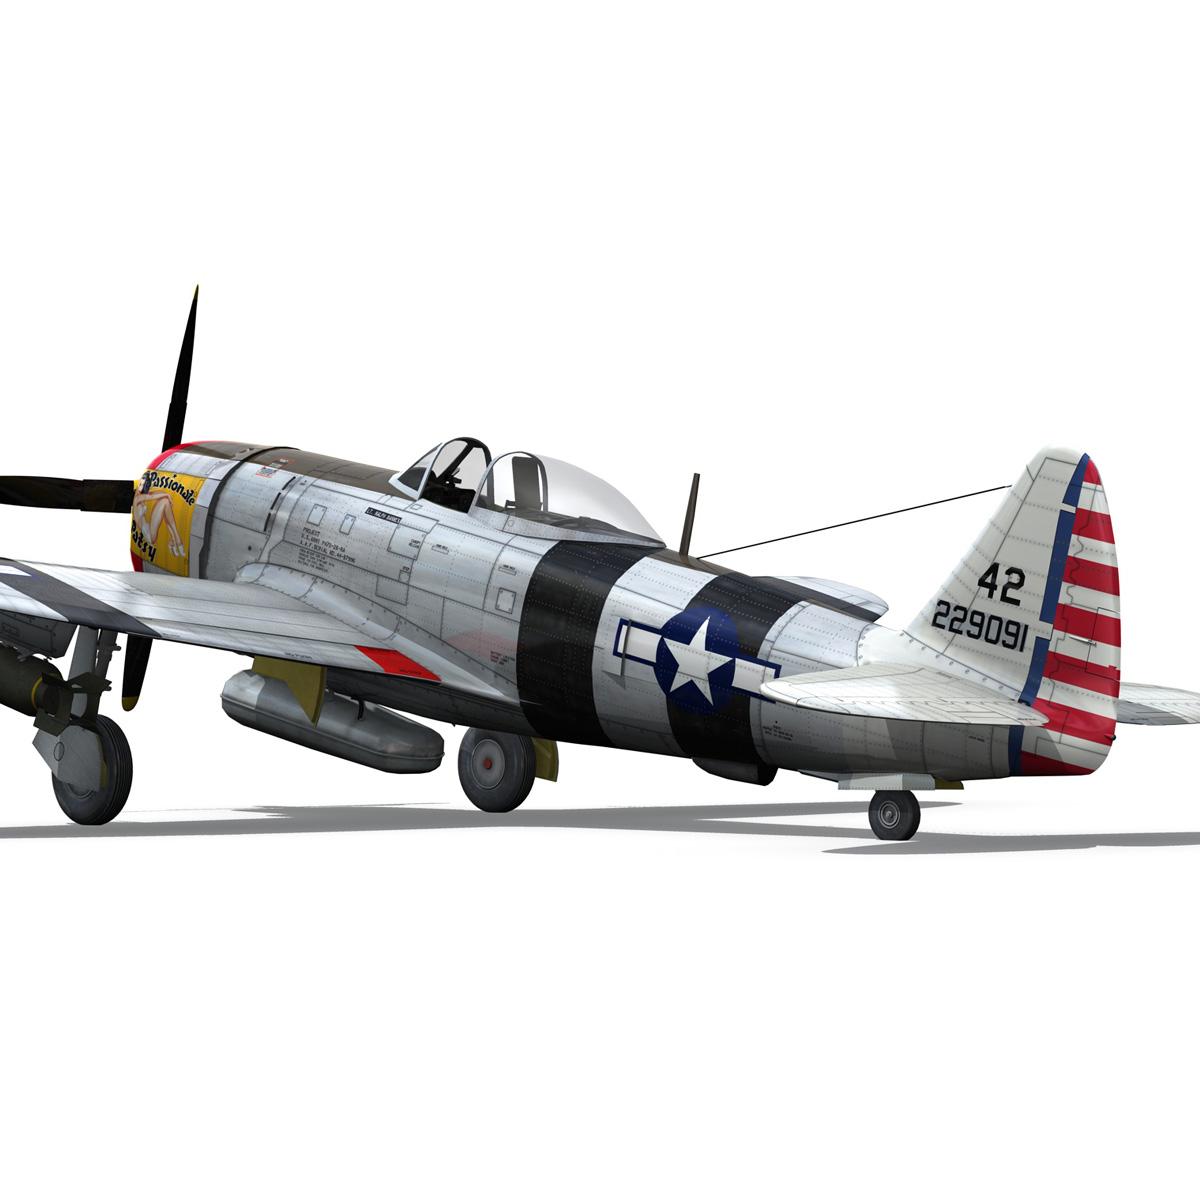 republic p-47 thunderbolt – passionate patsy 3d model fbx lwo lw lws obj c4d 279751